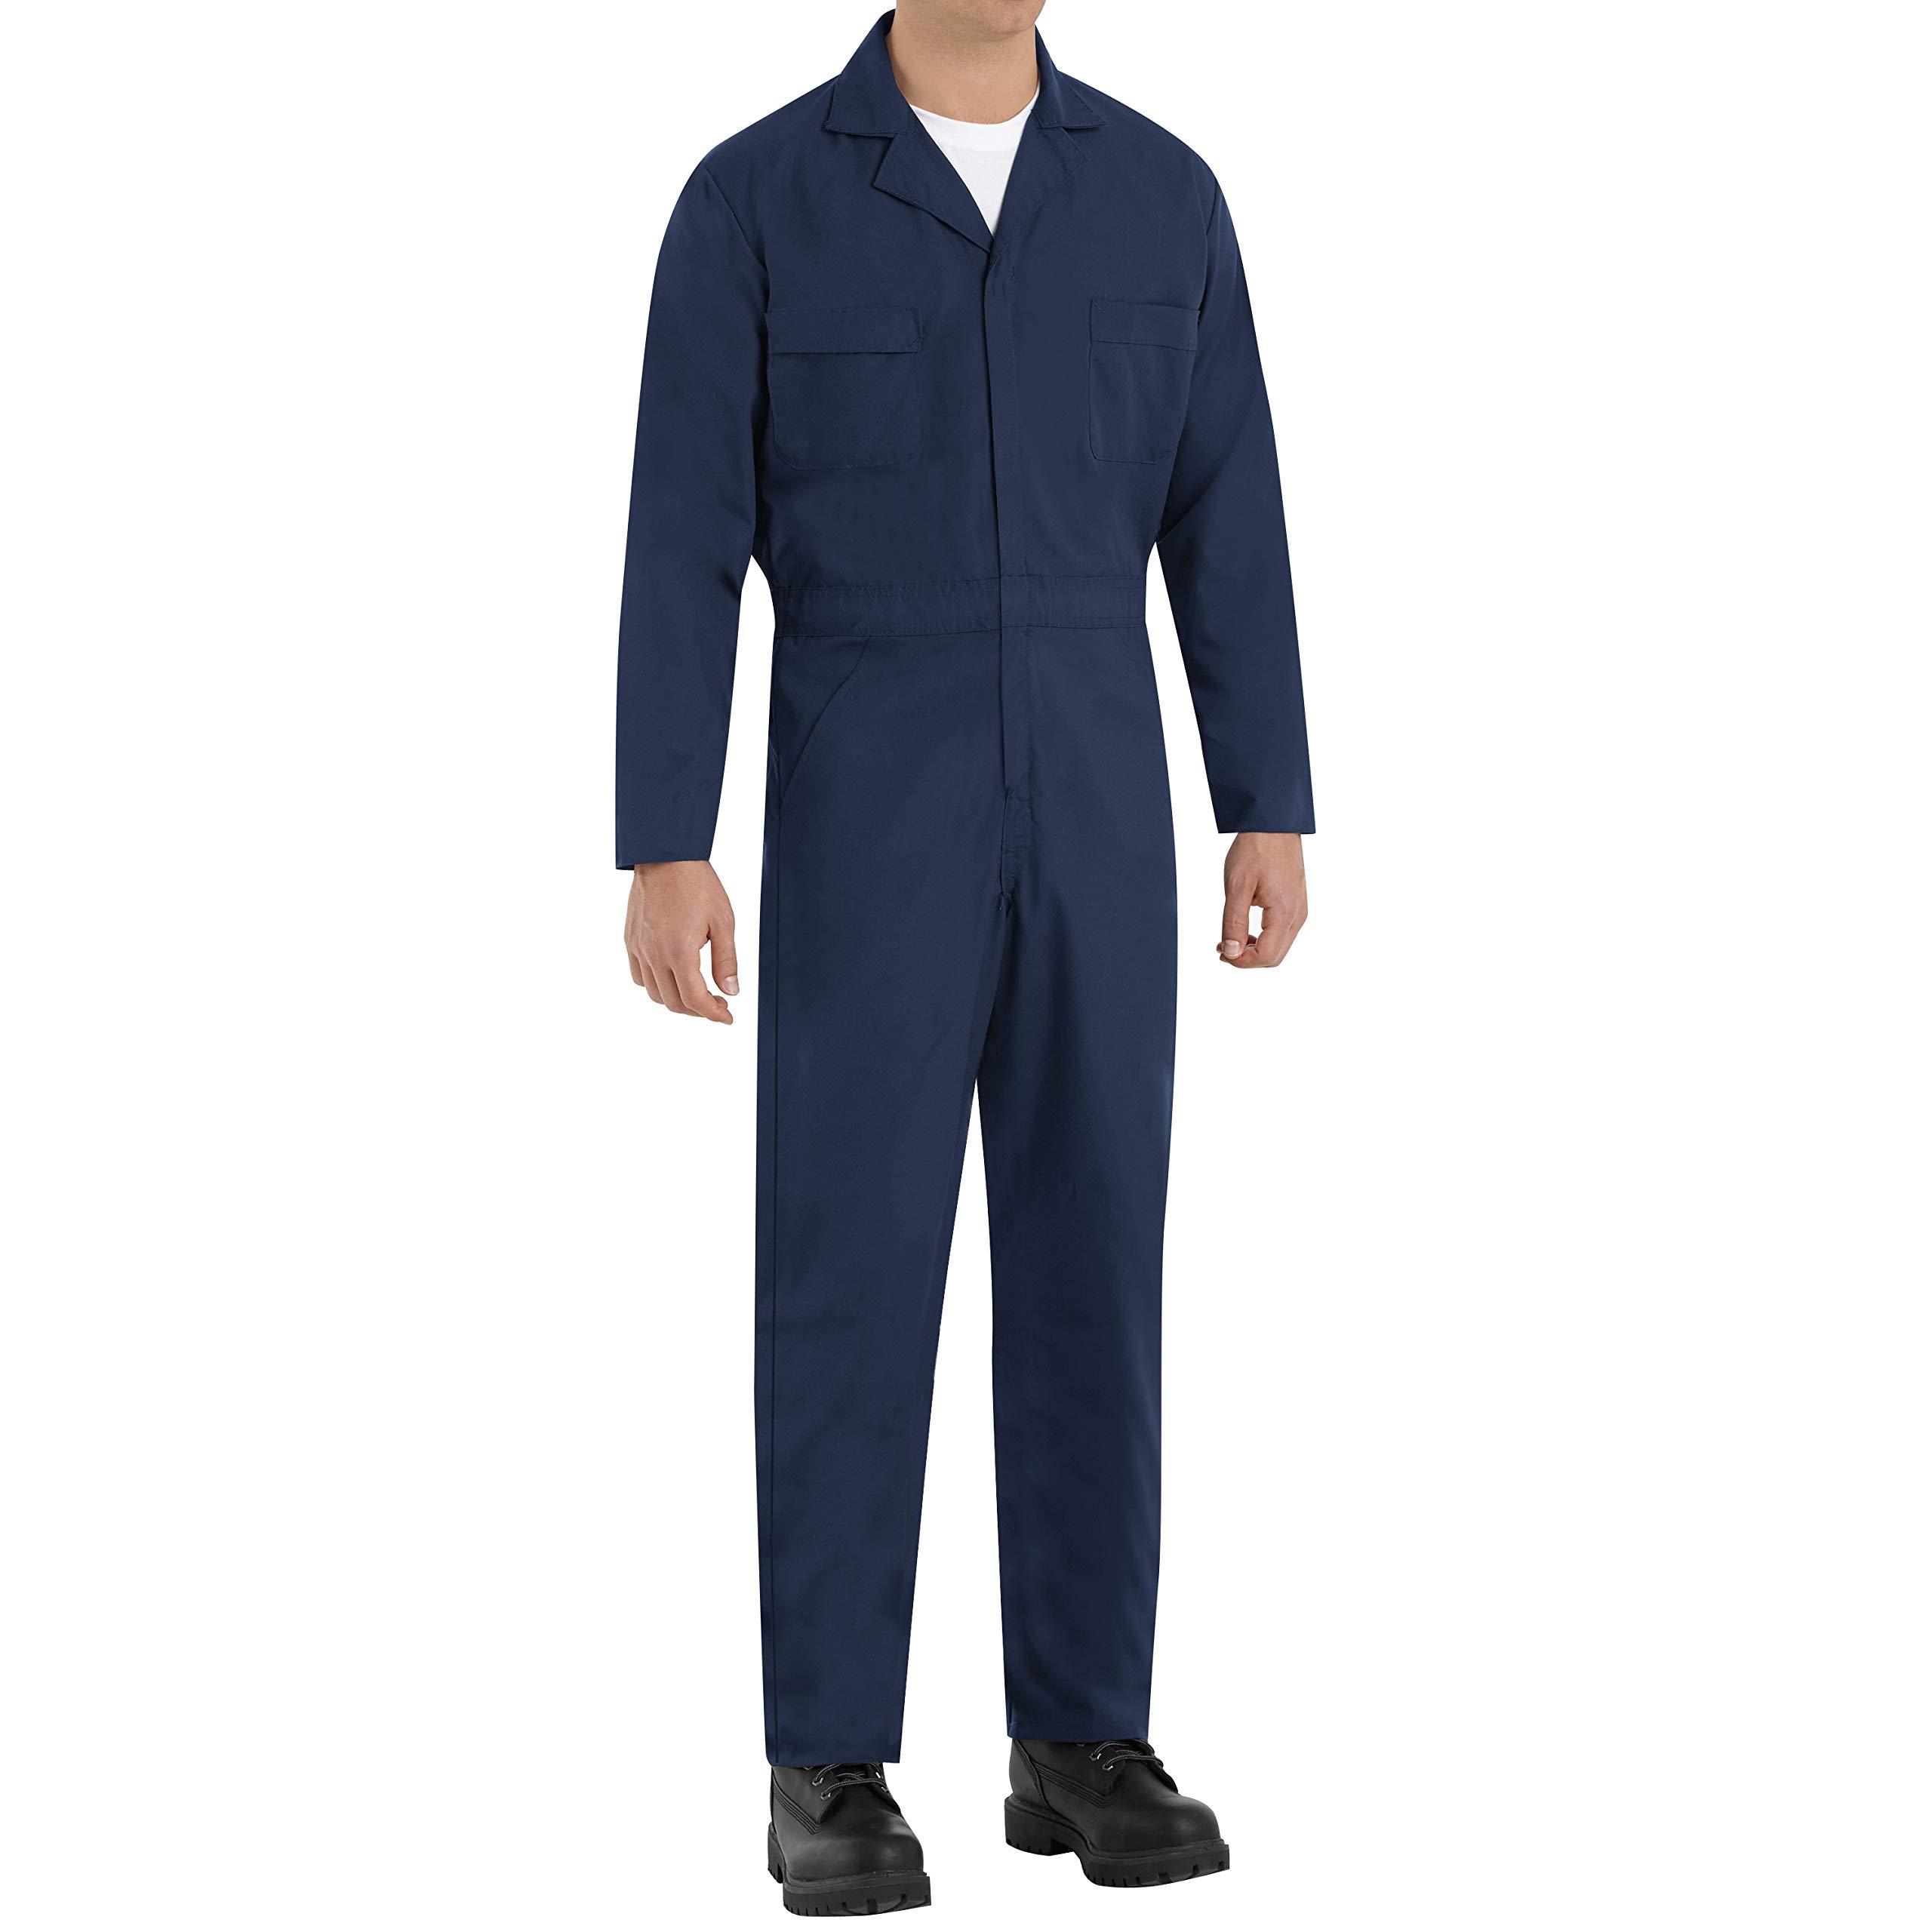 Red Kap Men's Navy Speedsuit